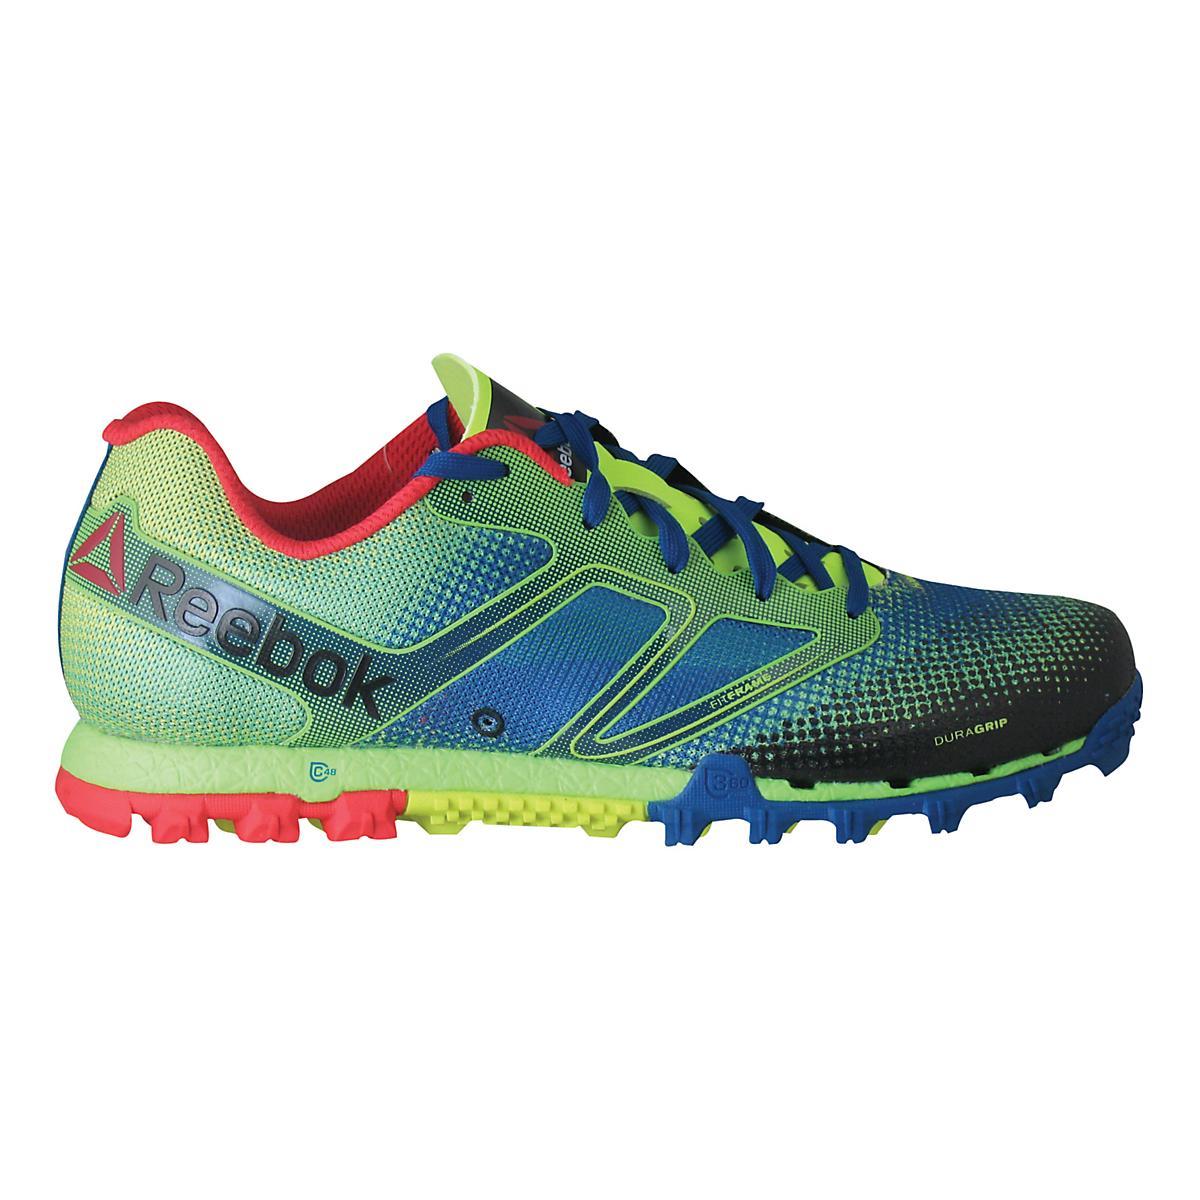 Mens Reebok All Terrain Super Running Shoe at Road Runner Sports 35aa6d2ff